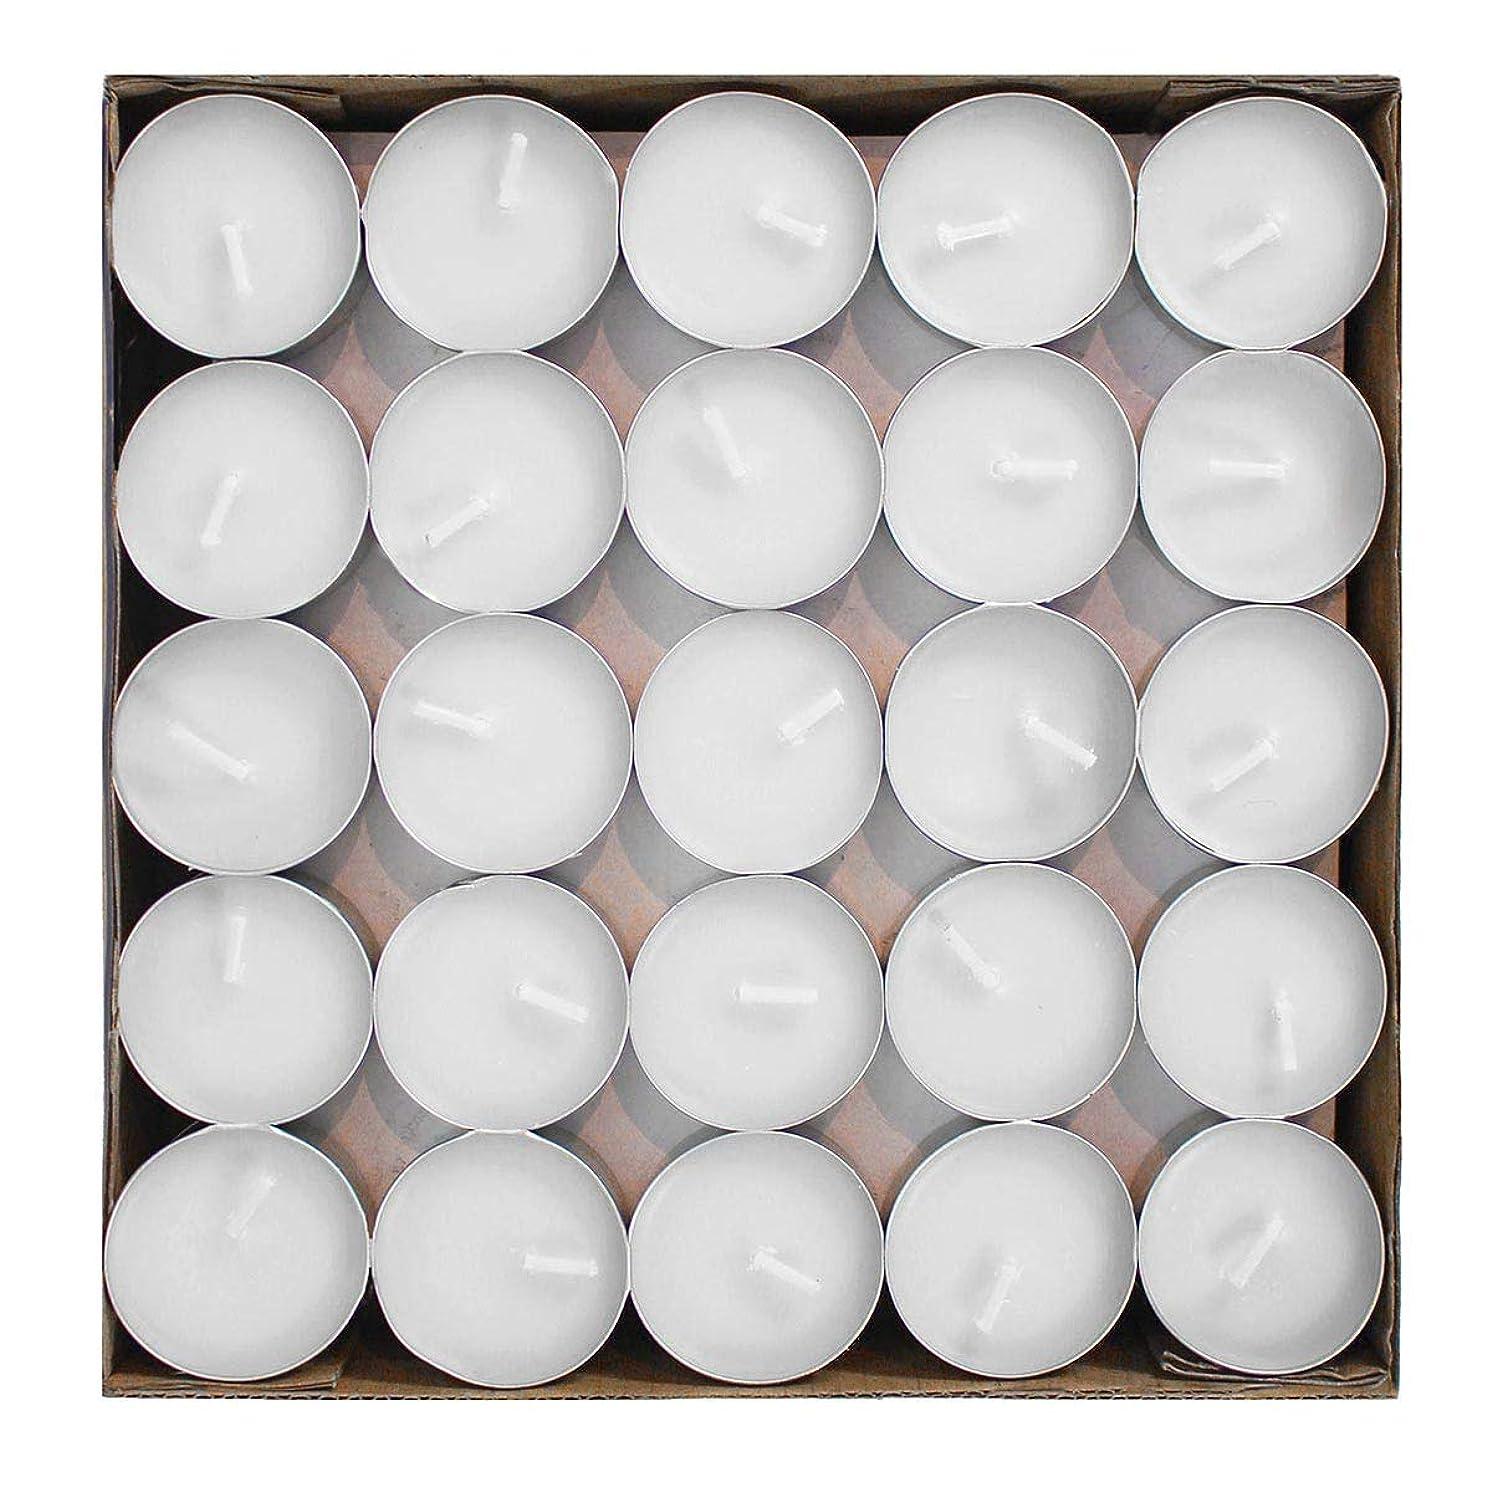 弁護人診療所近所のHwagui ろうそく お茶アロマ キャンドル アロマ キャンドル ロウソク 人気 香り 約1.5-2時間 50個 ZH004